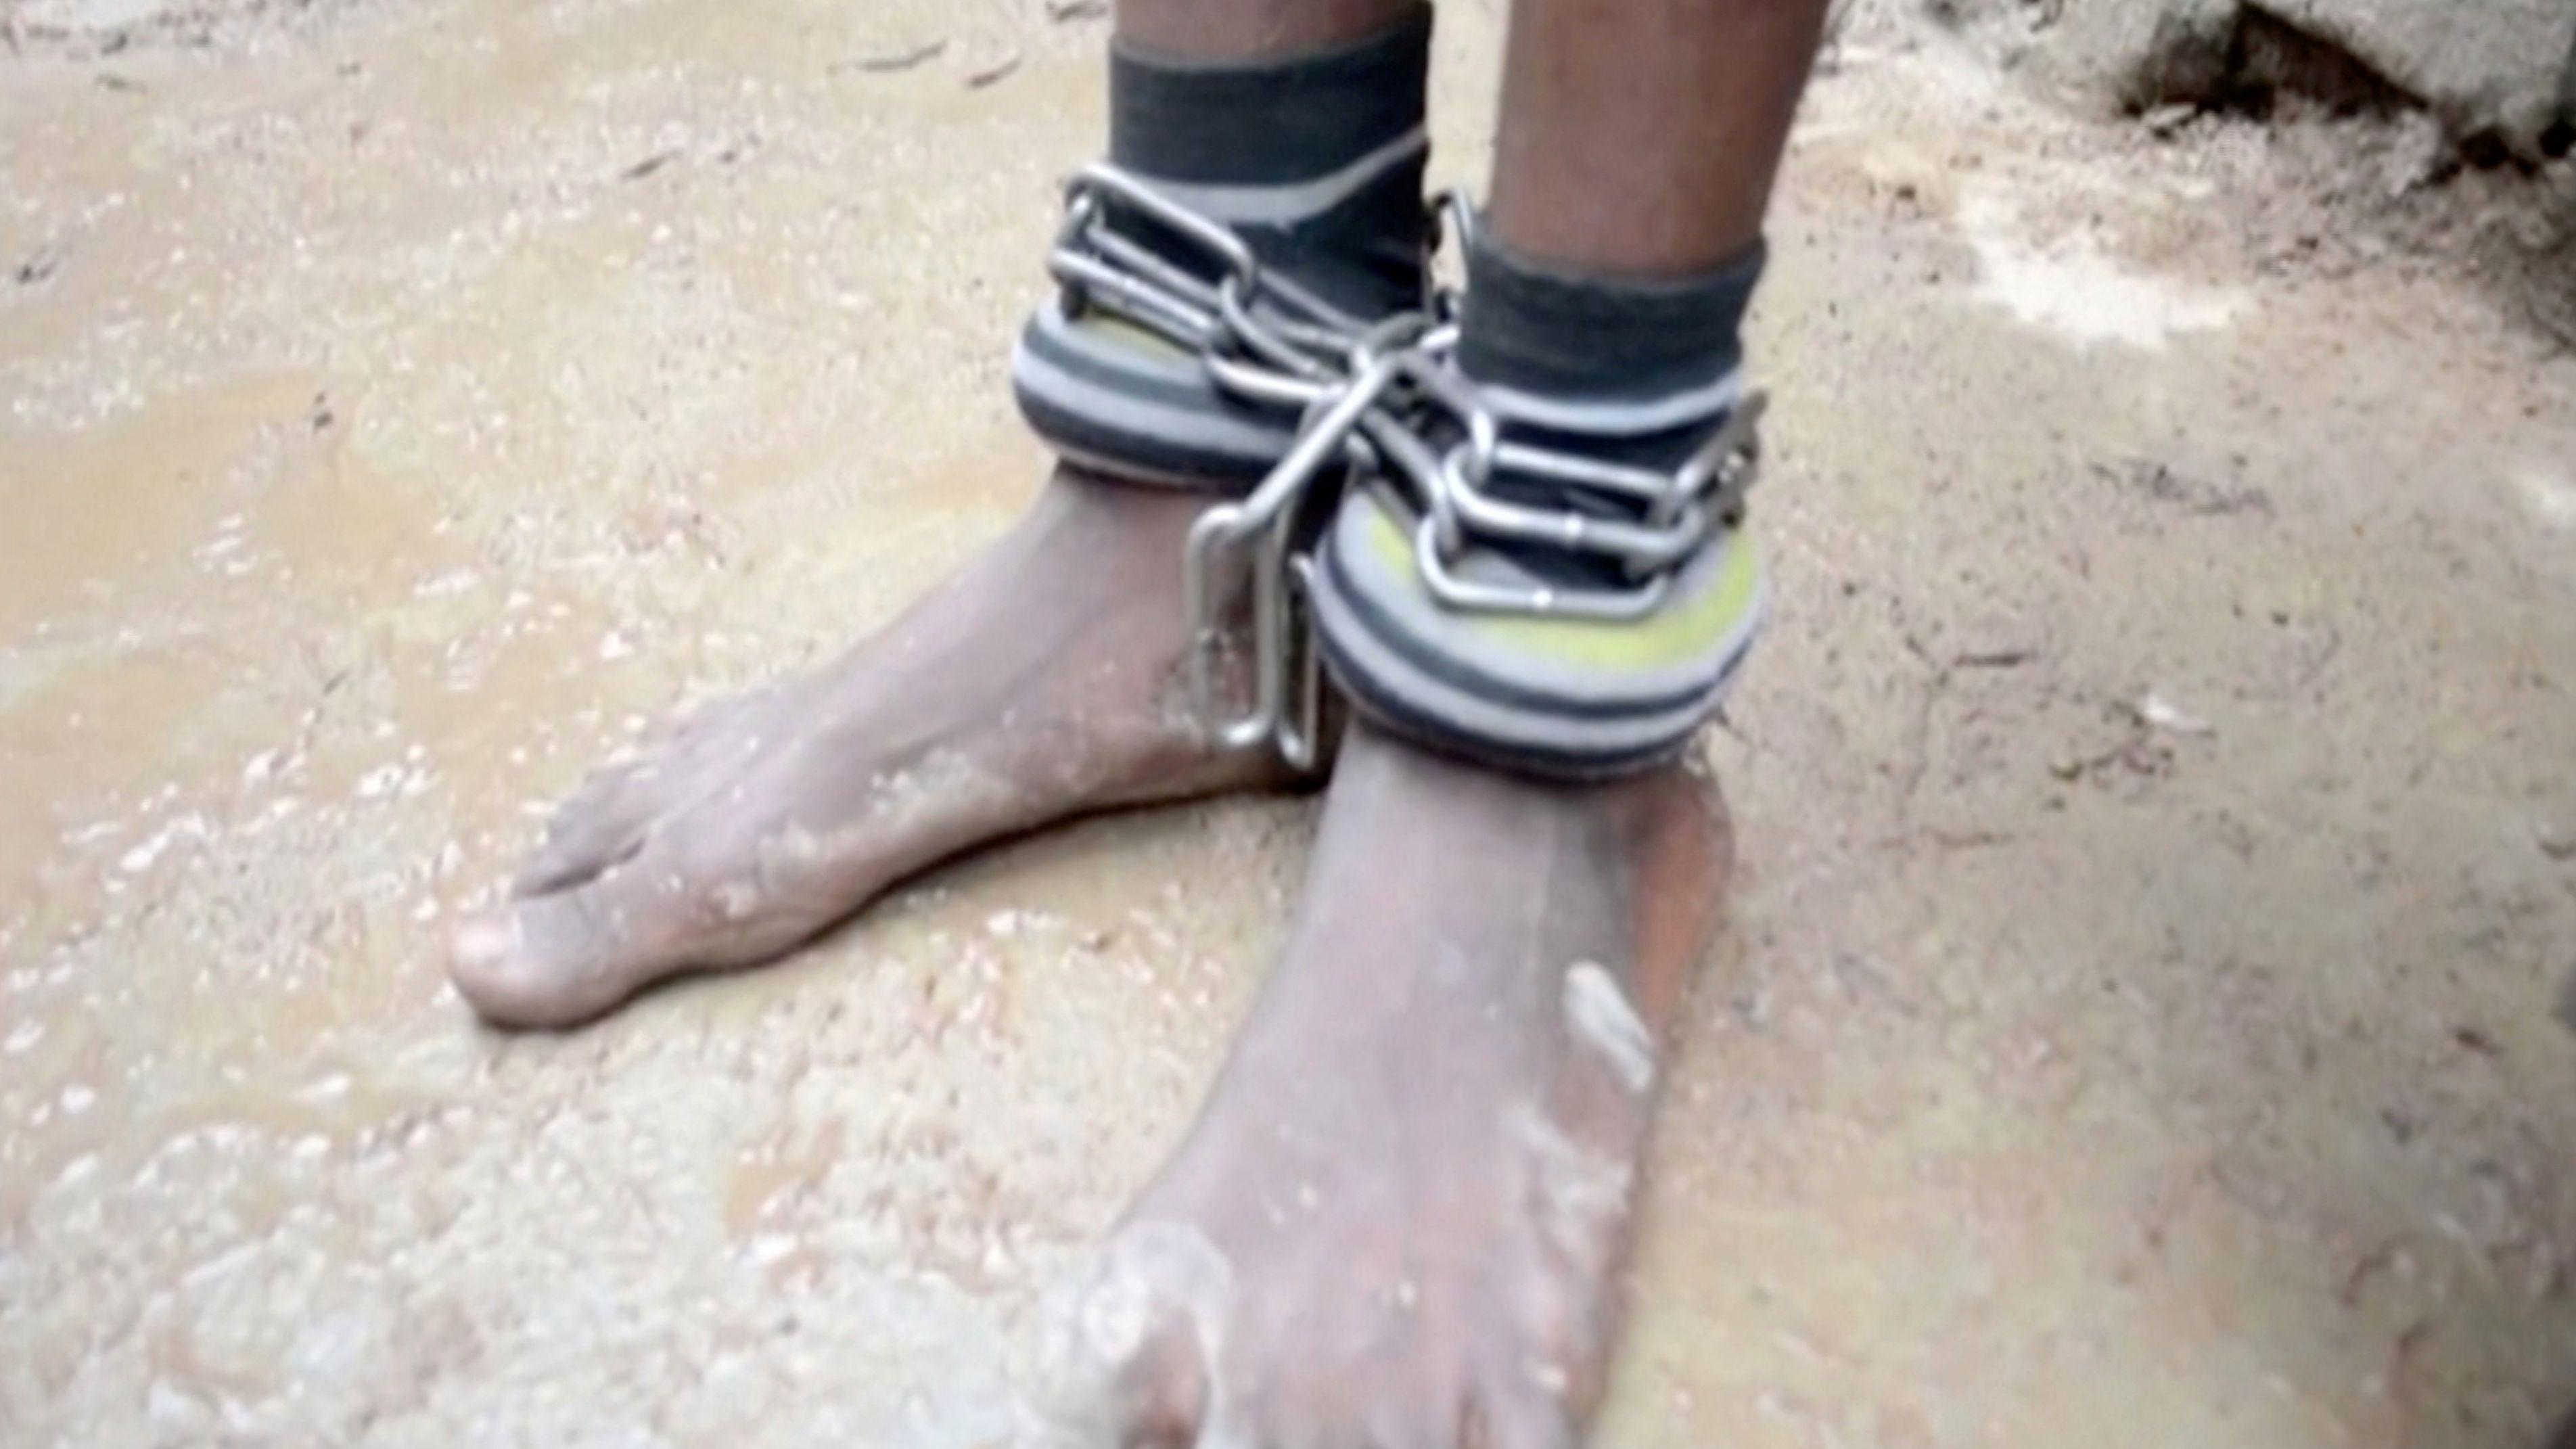 Violaciones sistemáticas, hambre y cadenas: La pesadilla de cientos de niños en una escuela islámica